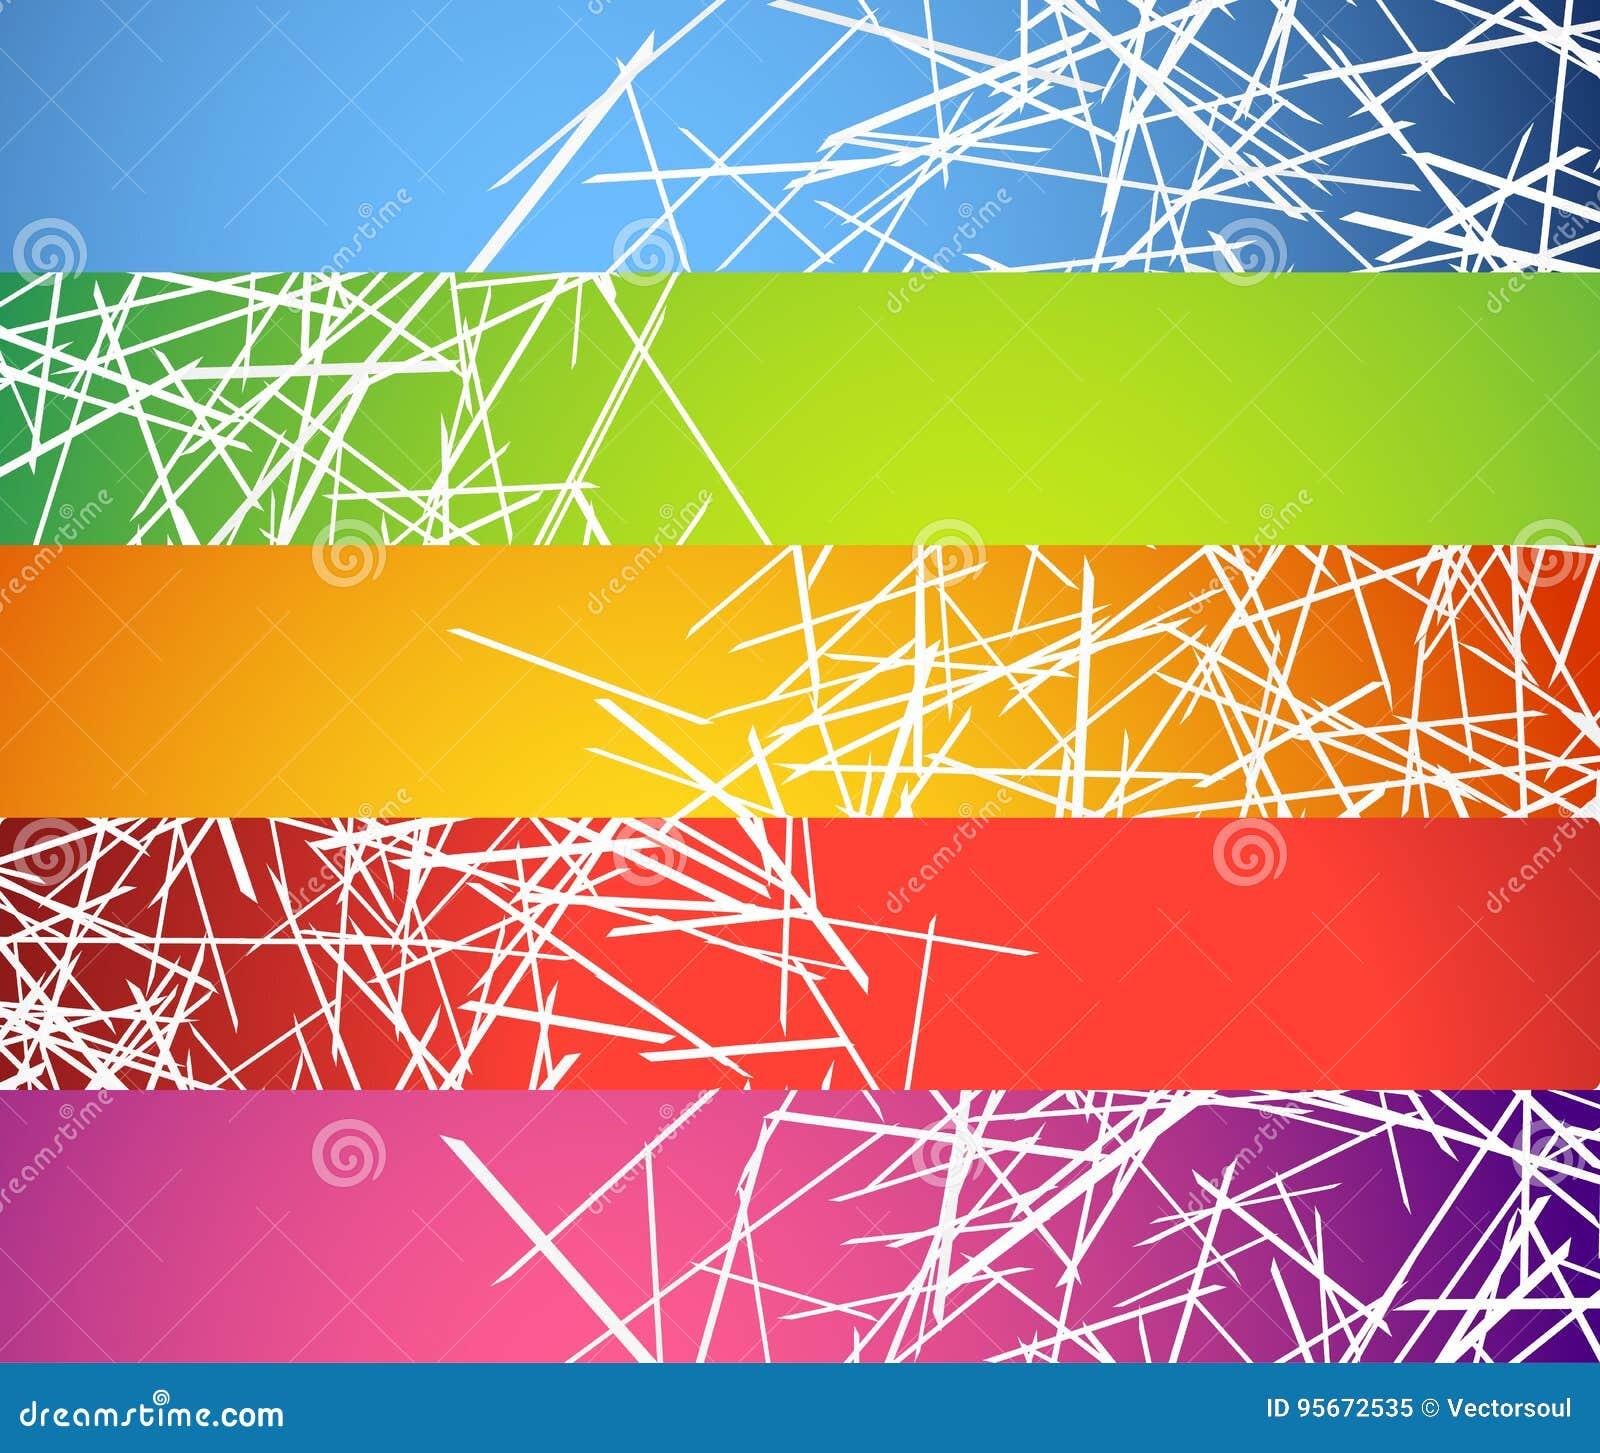 Sztandar, guzików tła z abstrakcjonistycznymi przypadkowymi, chaotycznymi liniami,